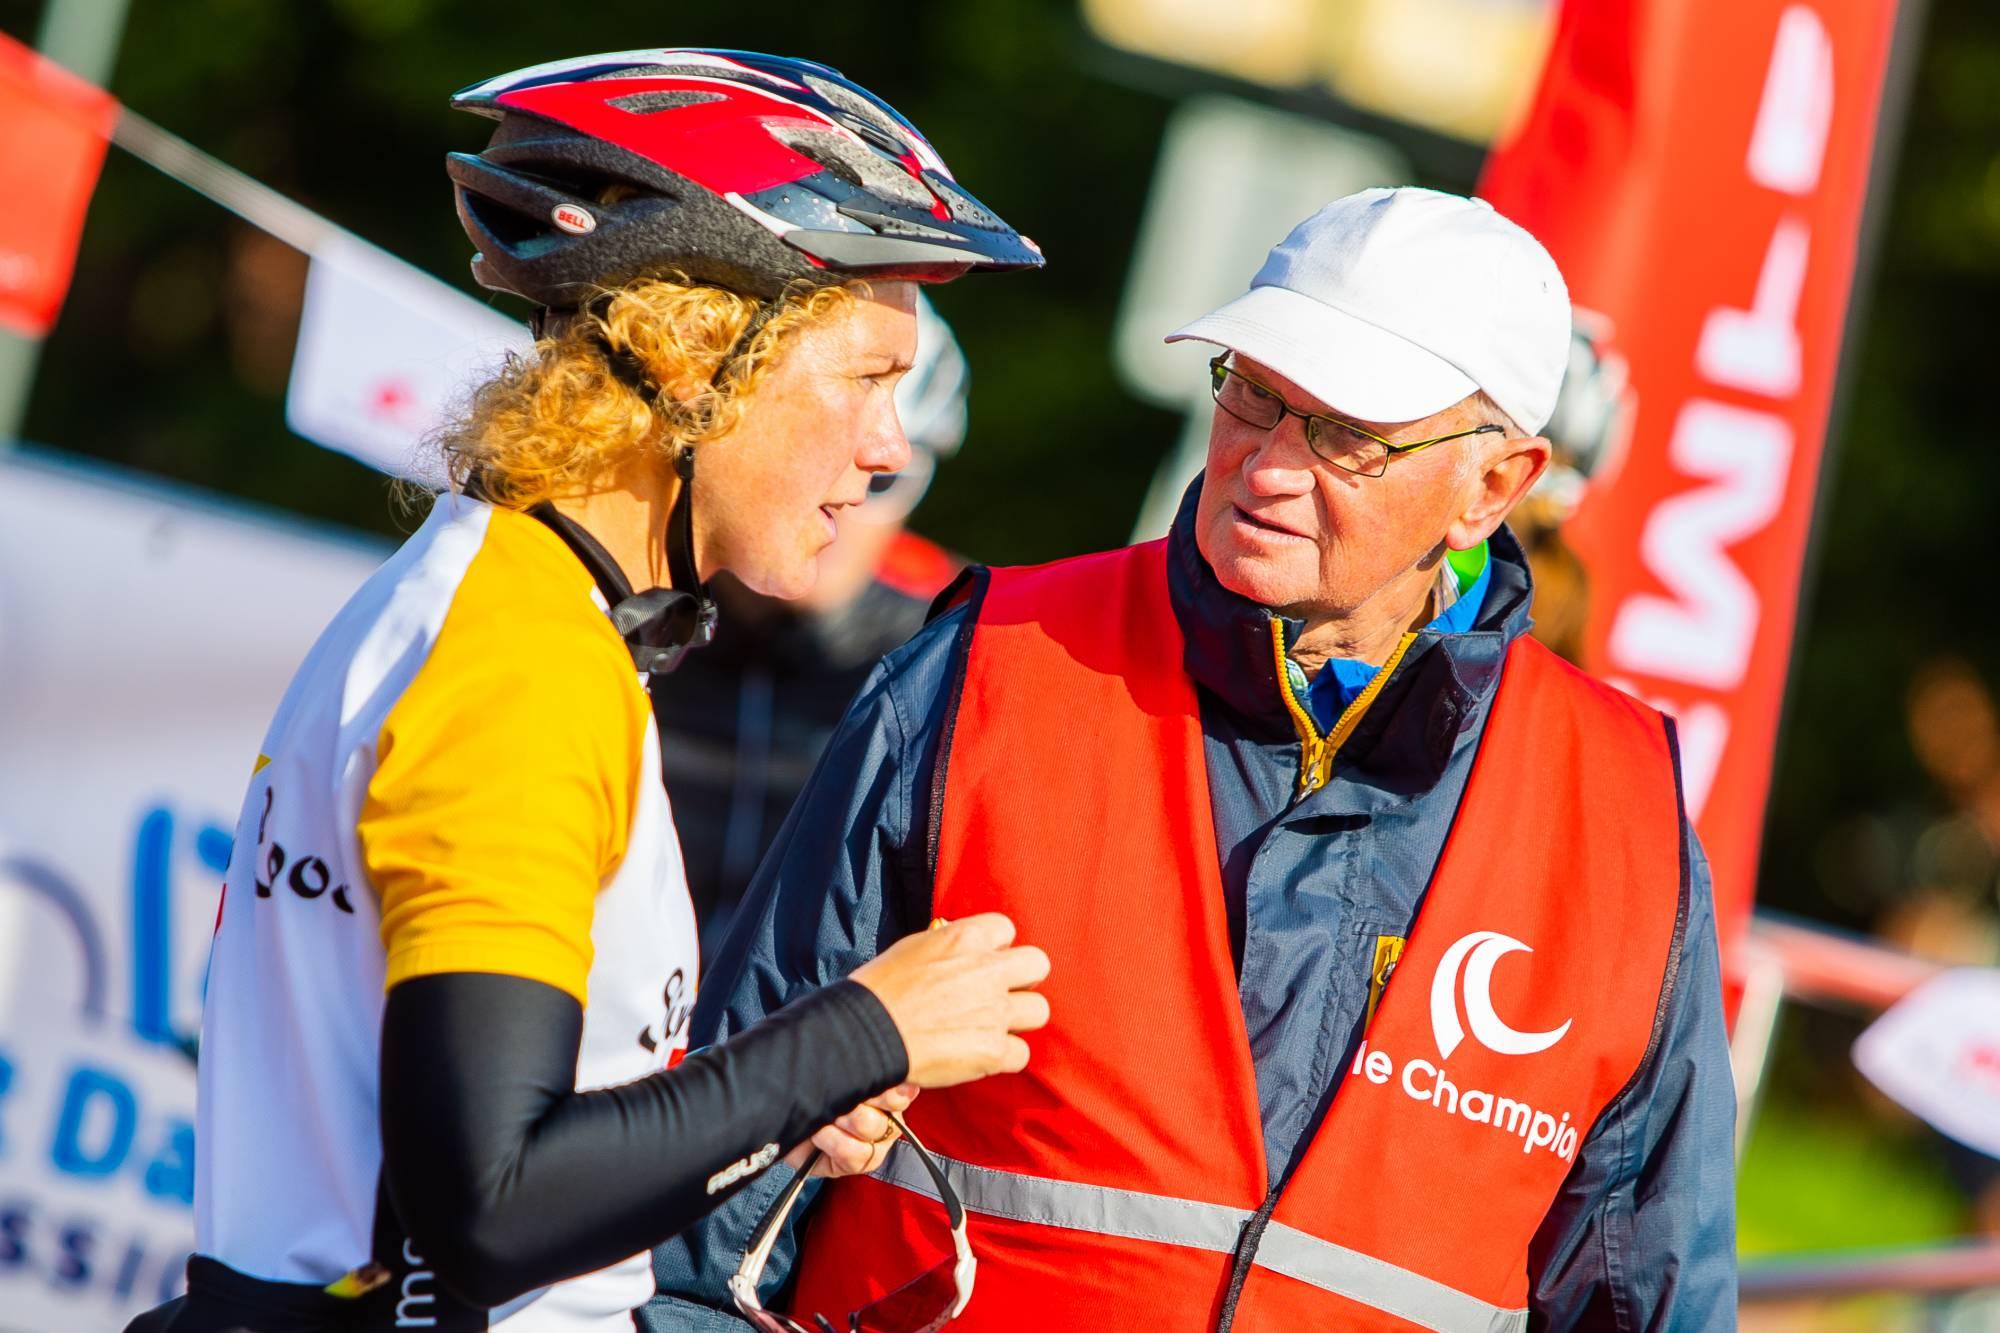 Vrijwilliger Le Champion - Ronde van de Westfriese Omringdijk